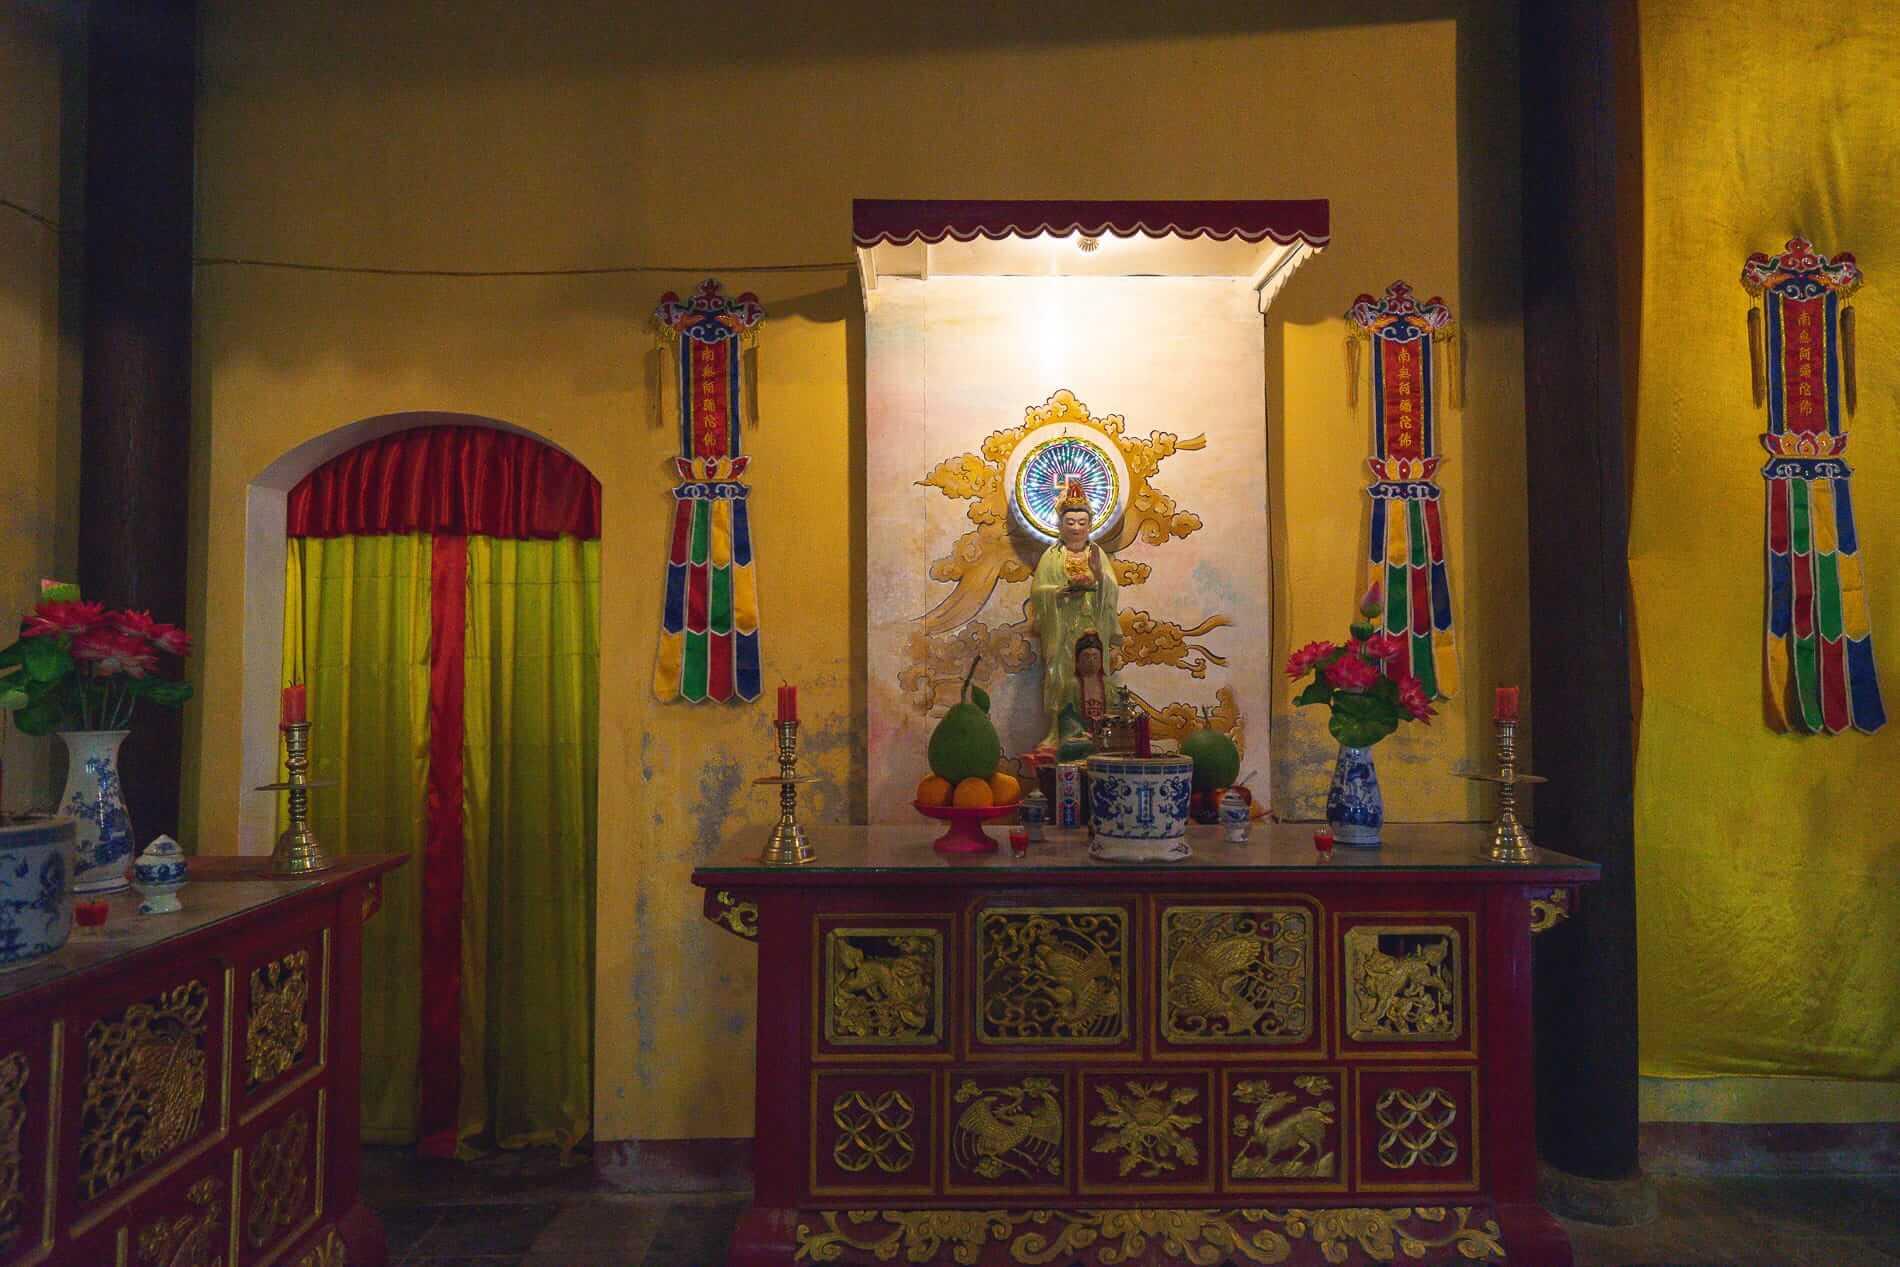 A modest shrine at Quan Am Pagoda - Hoi An Temples and Pagodas